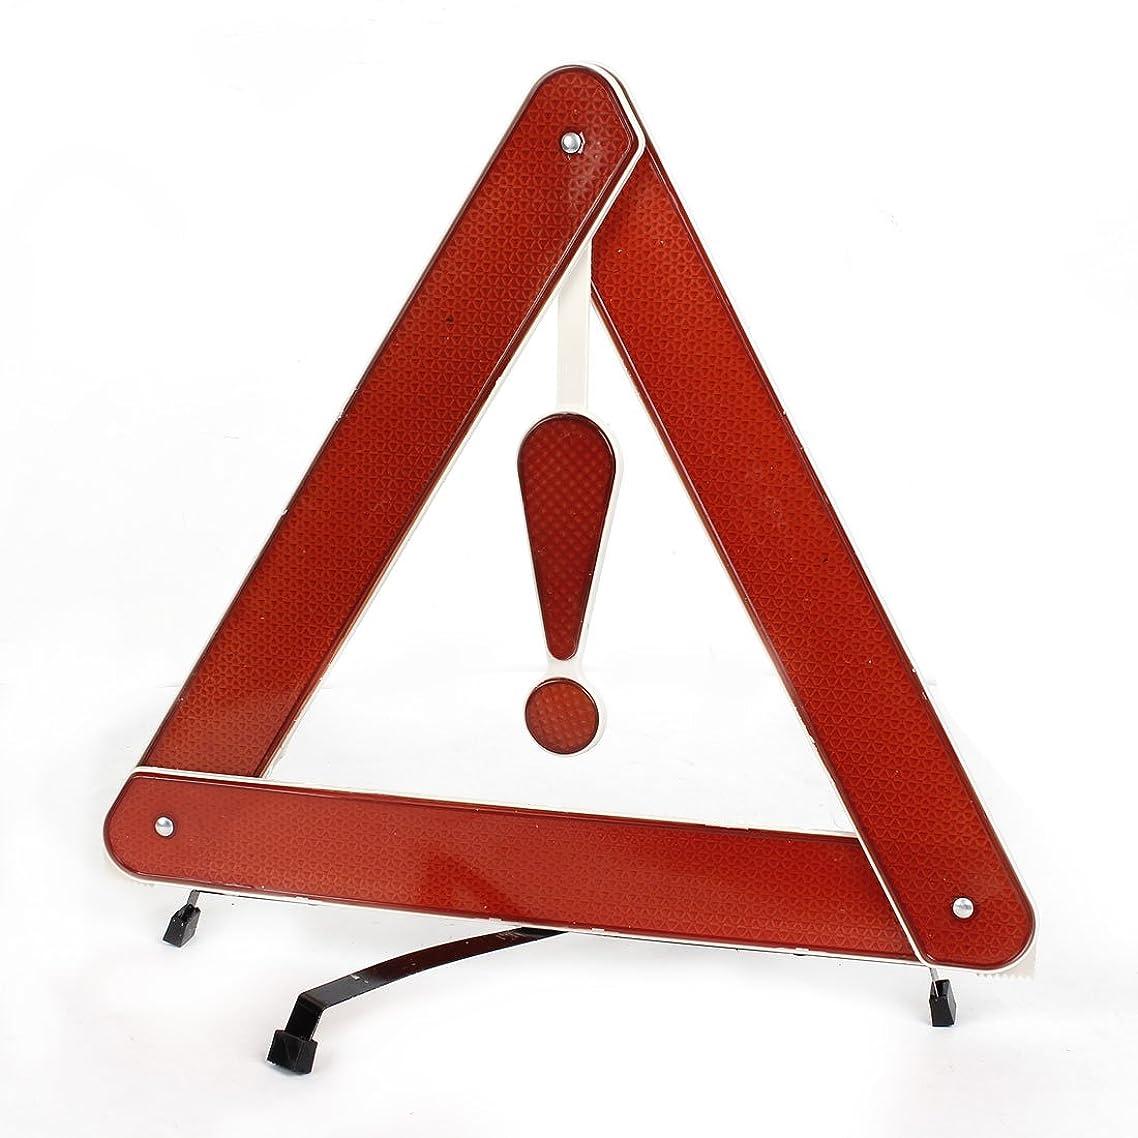 援助する困った放射するuxcell 反射トライアングル 三角停止表示板 三角停止板 三角停止反射板 三角形の警告 39 X 34.5cm ブラックレッド折りたたみ緊急交通